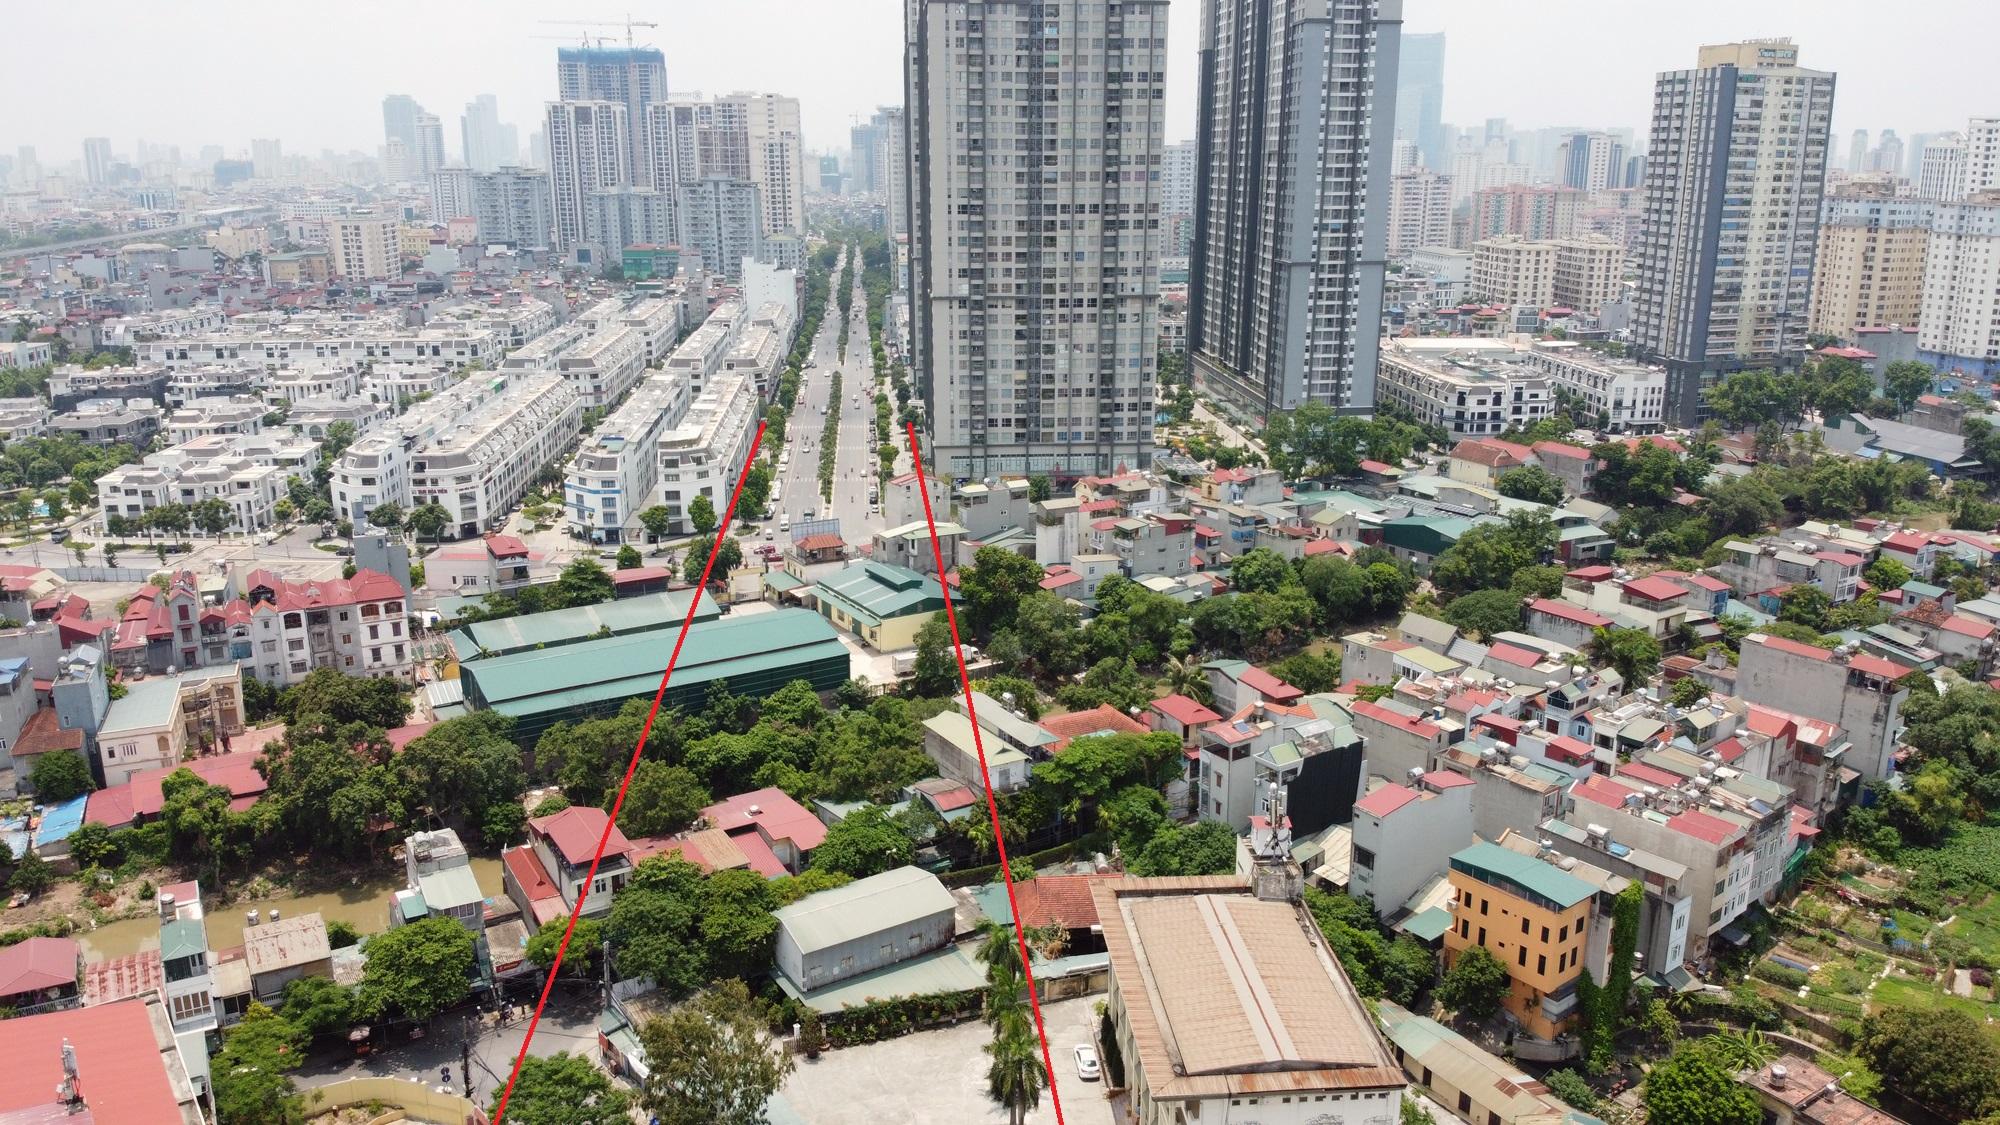 Ba đường sẽ mở theo qui hoạch ở phường Cầu Diễn, Nam Từ Liêm, Hà Nội - Ảnh 4.